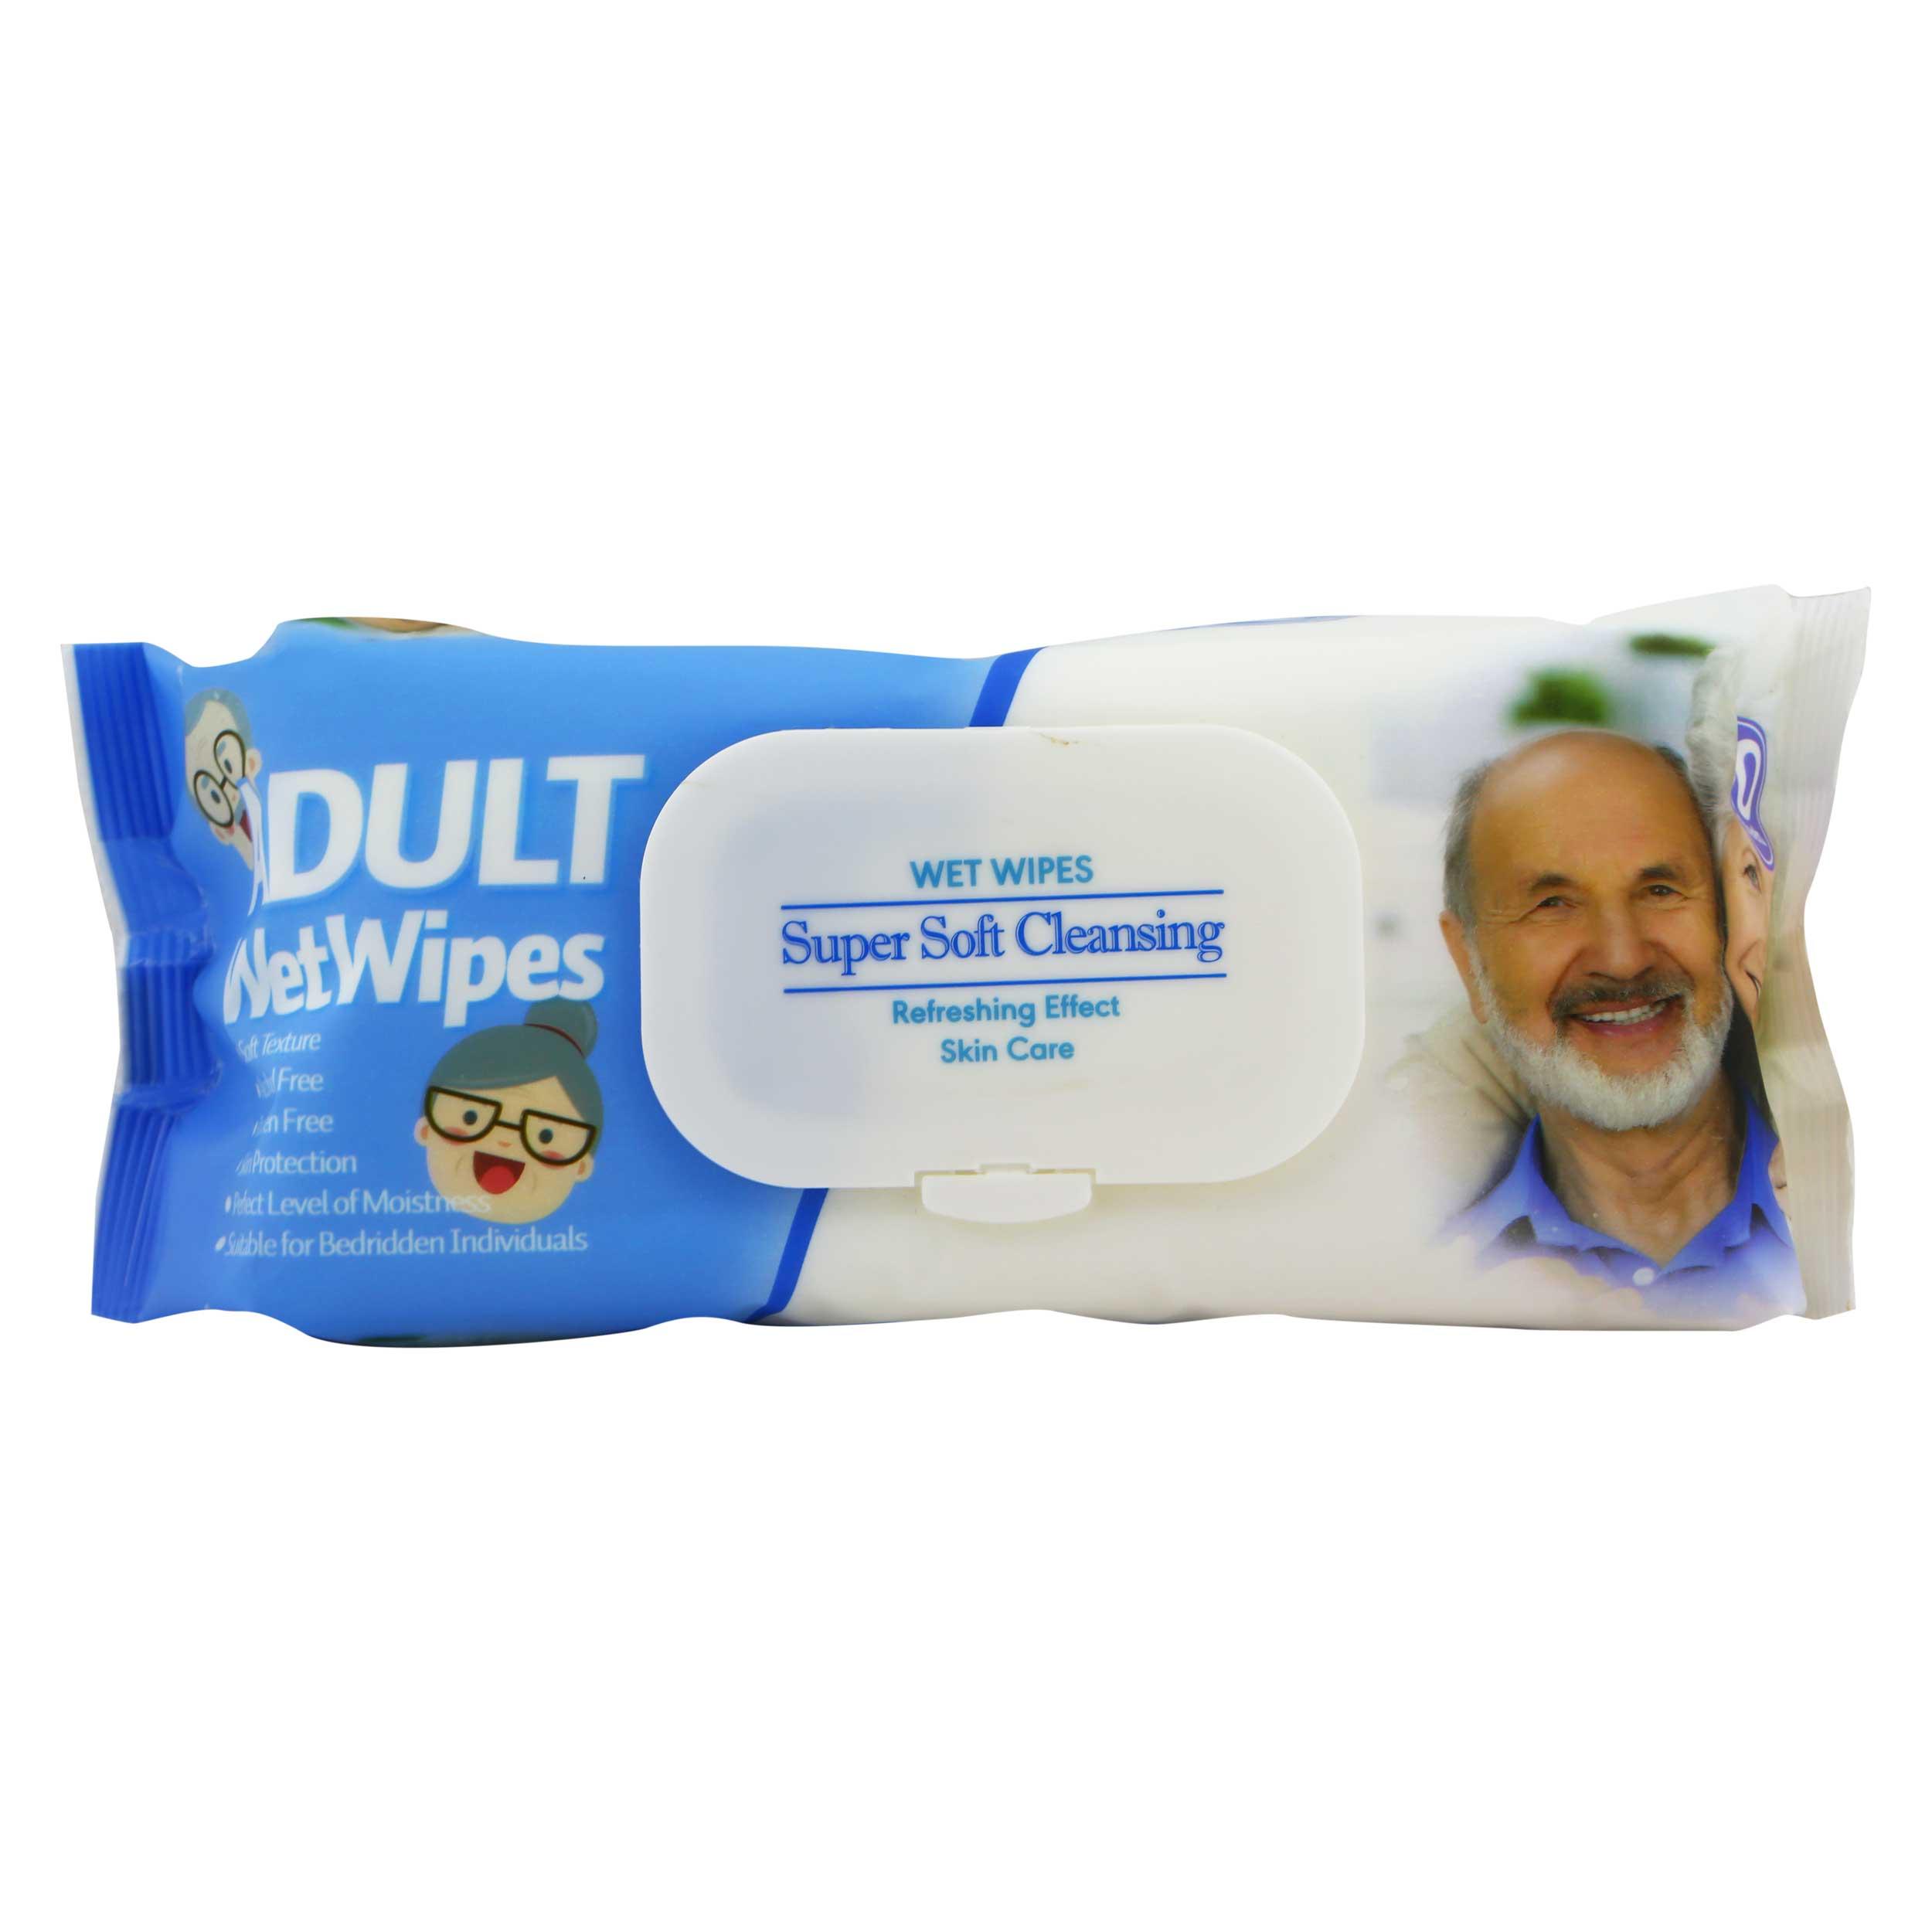 دستمال مرطوب دلفین مدل Super Soft Cleansing  بسته 90 عددی